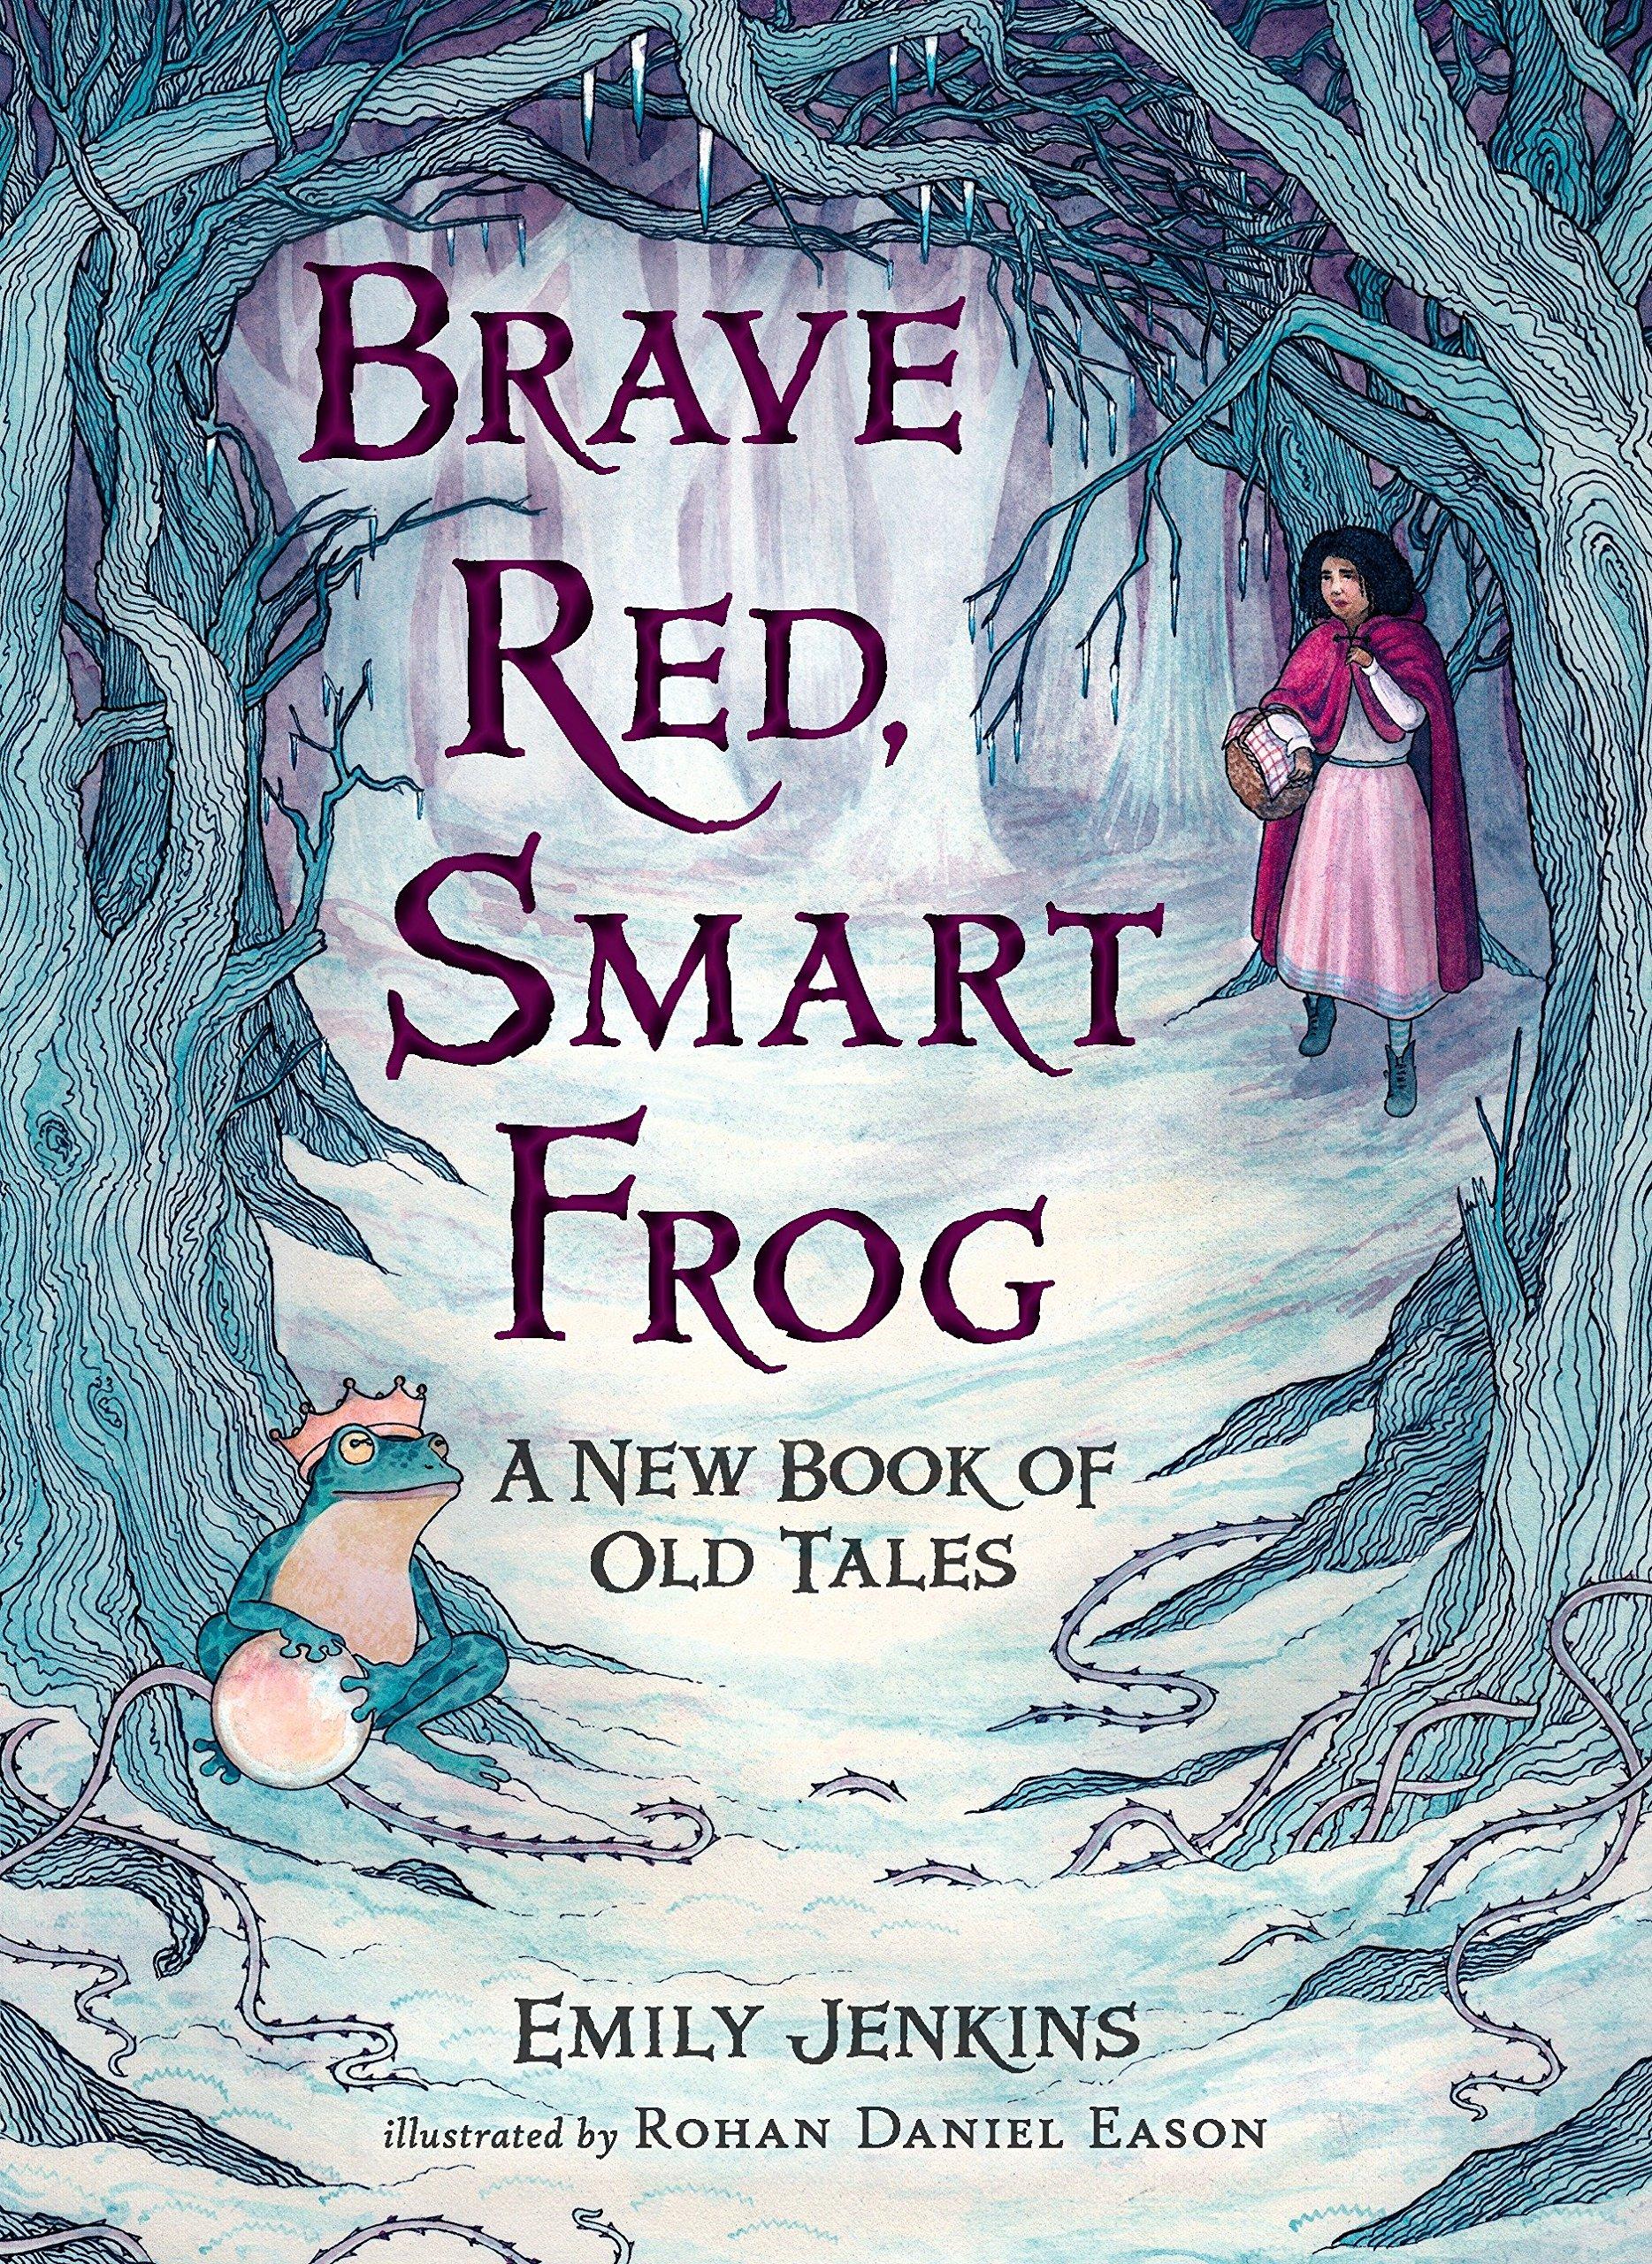 Brave Red Smart Frog bookcover